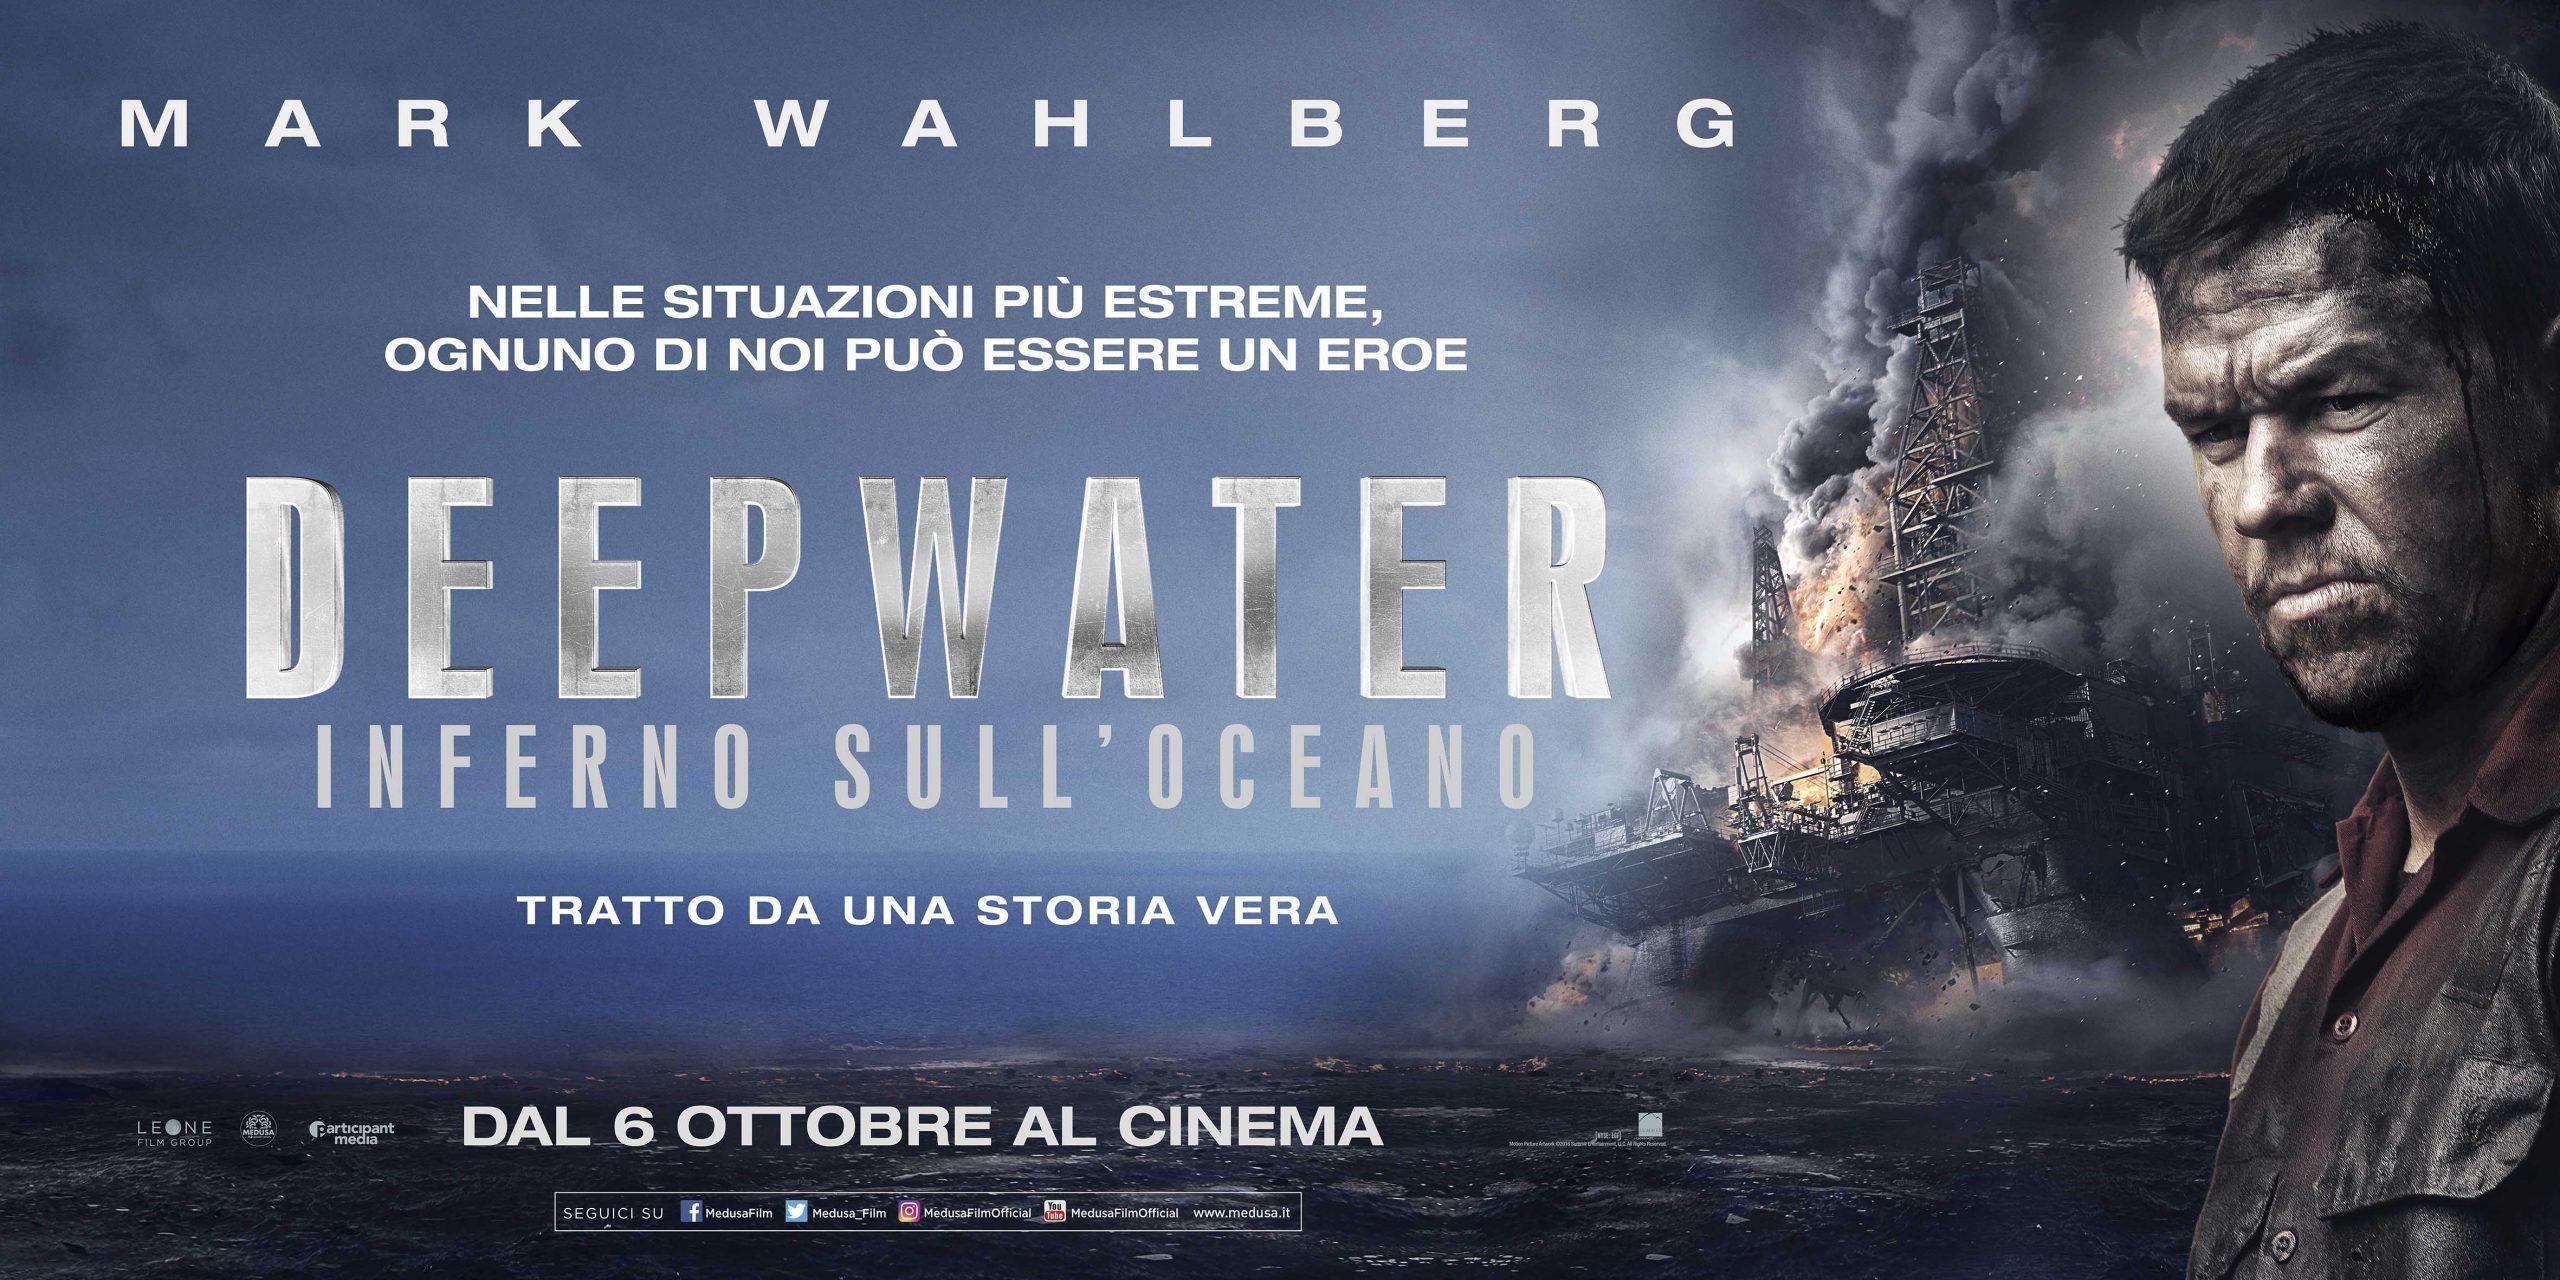 """DeepWater – Inferno sull'oceano. Mark Wahlberg ai nostri microfoni: """"un film difficile ma vero"""""""